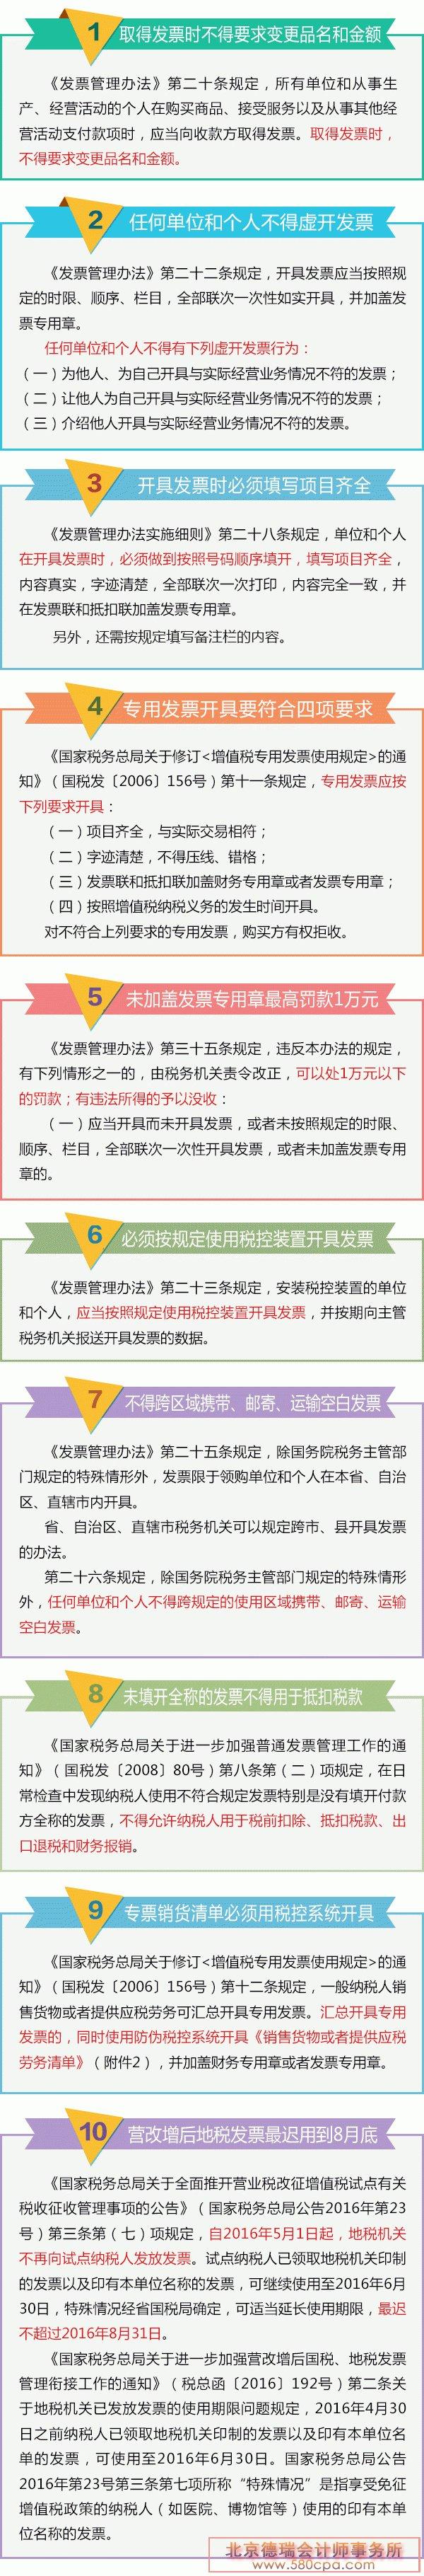 正确使用发票的10项基本规定